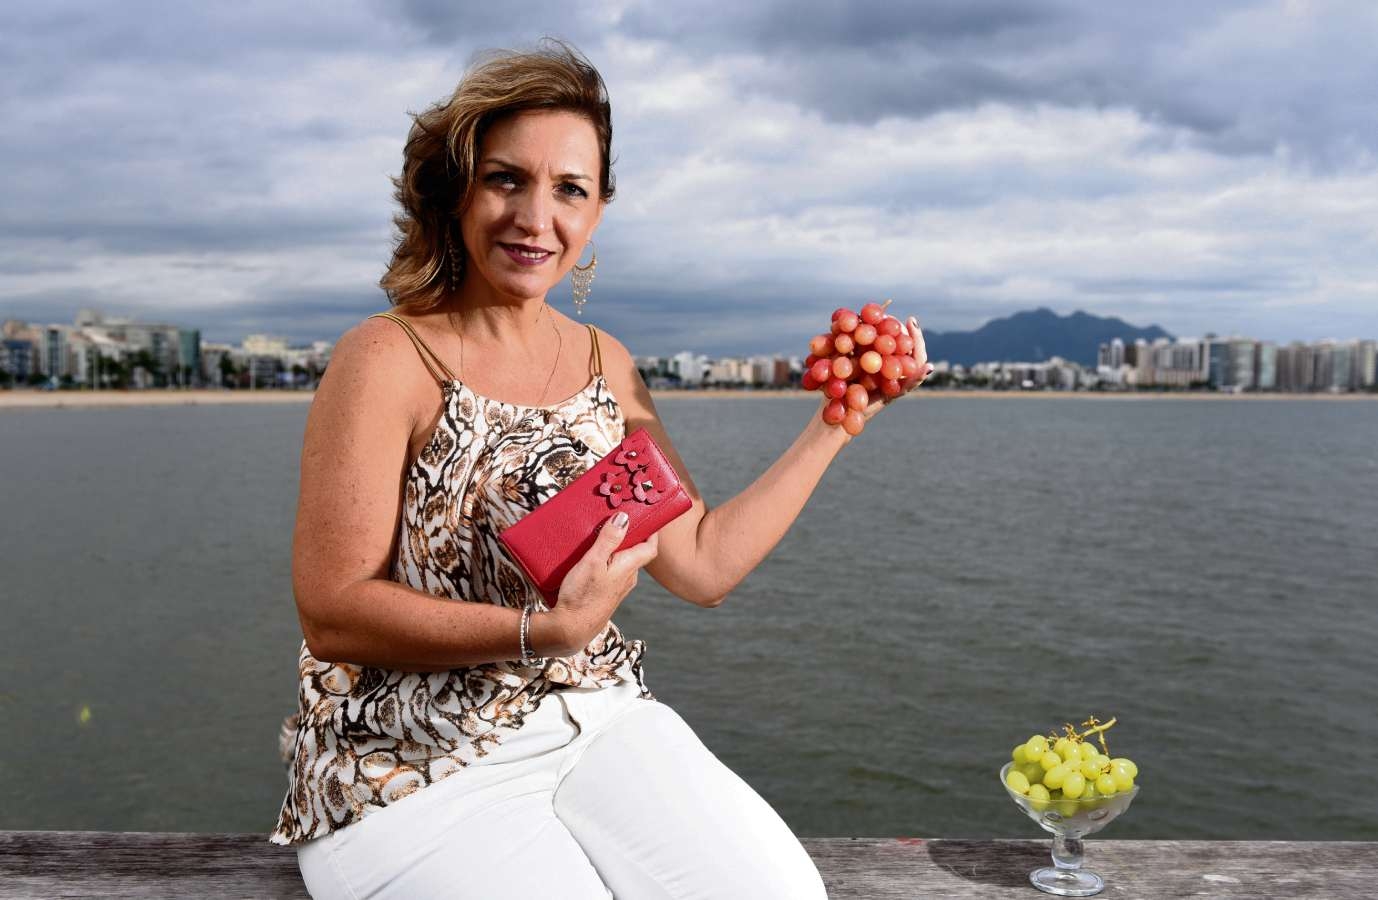 A arquiteta Daniela guarda caroços de uva para trazer fortuna. Ela diz que  não tem a2f878558b53e